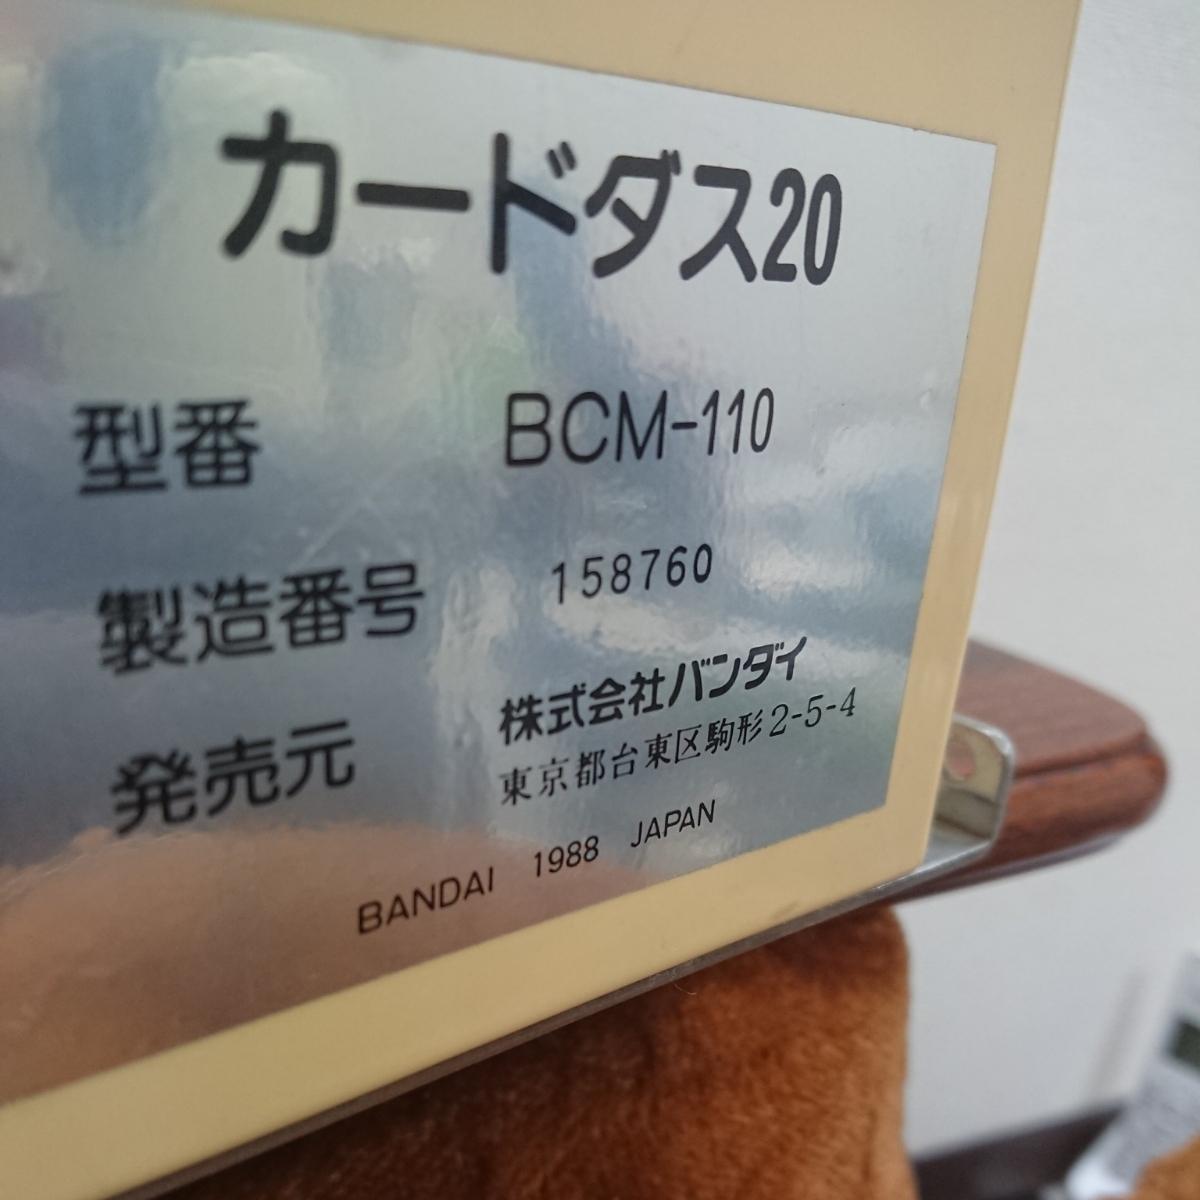 ■1円~ ラスト1 バンダイ カードダス20 1988年製 本体 可動品 台紙なし 鍵はマスターをお付けします 発送はゆうパック120_画像7